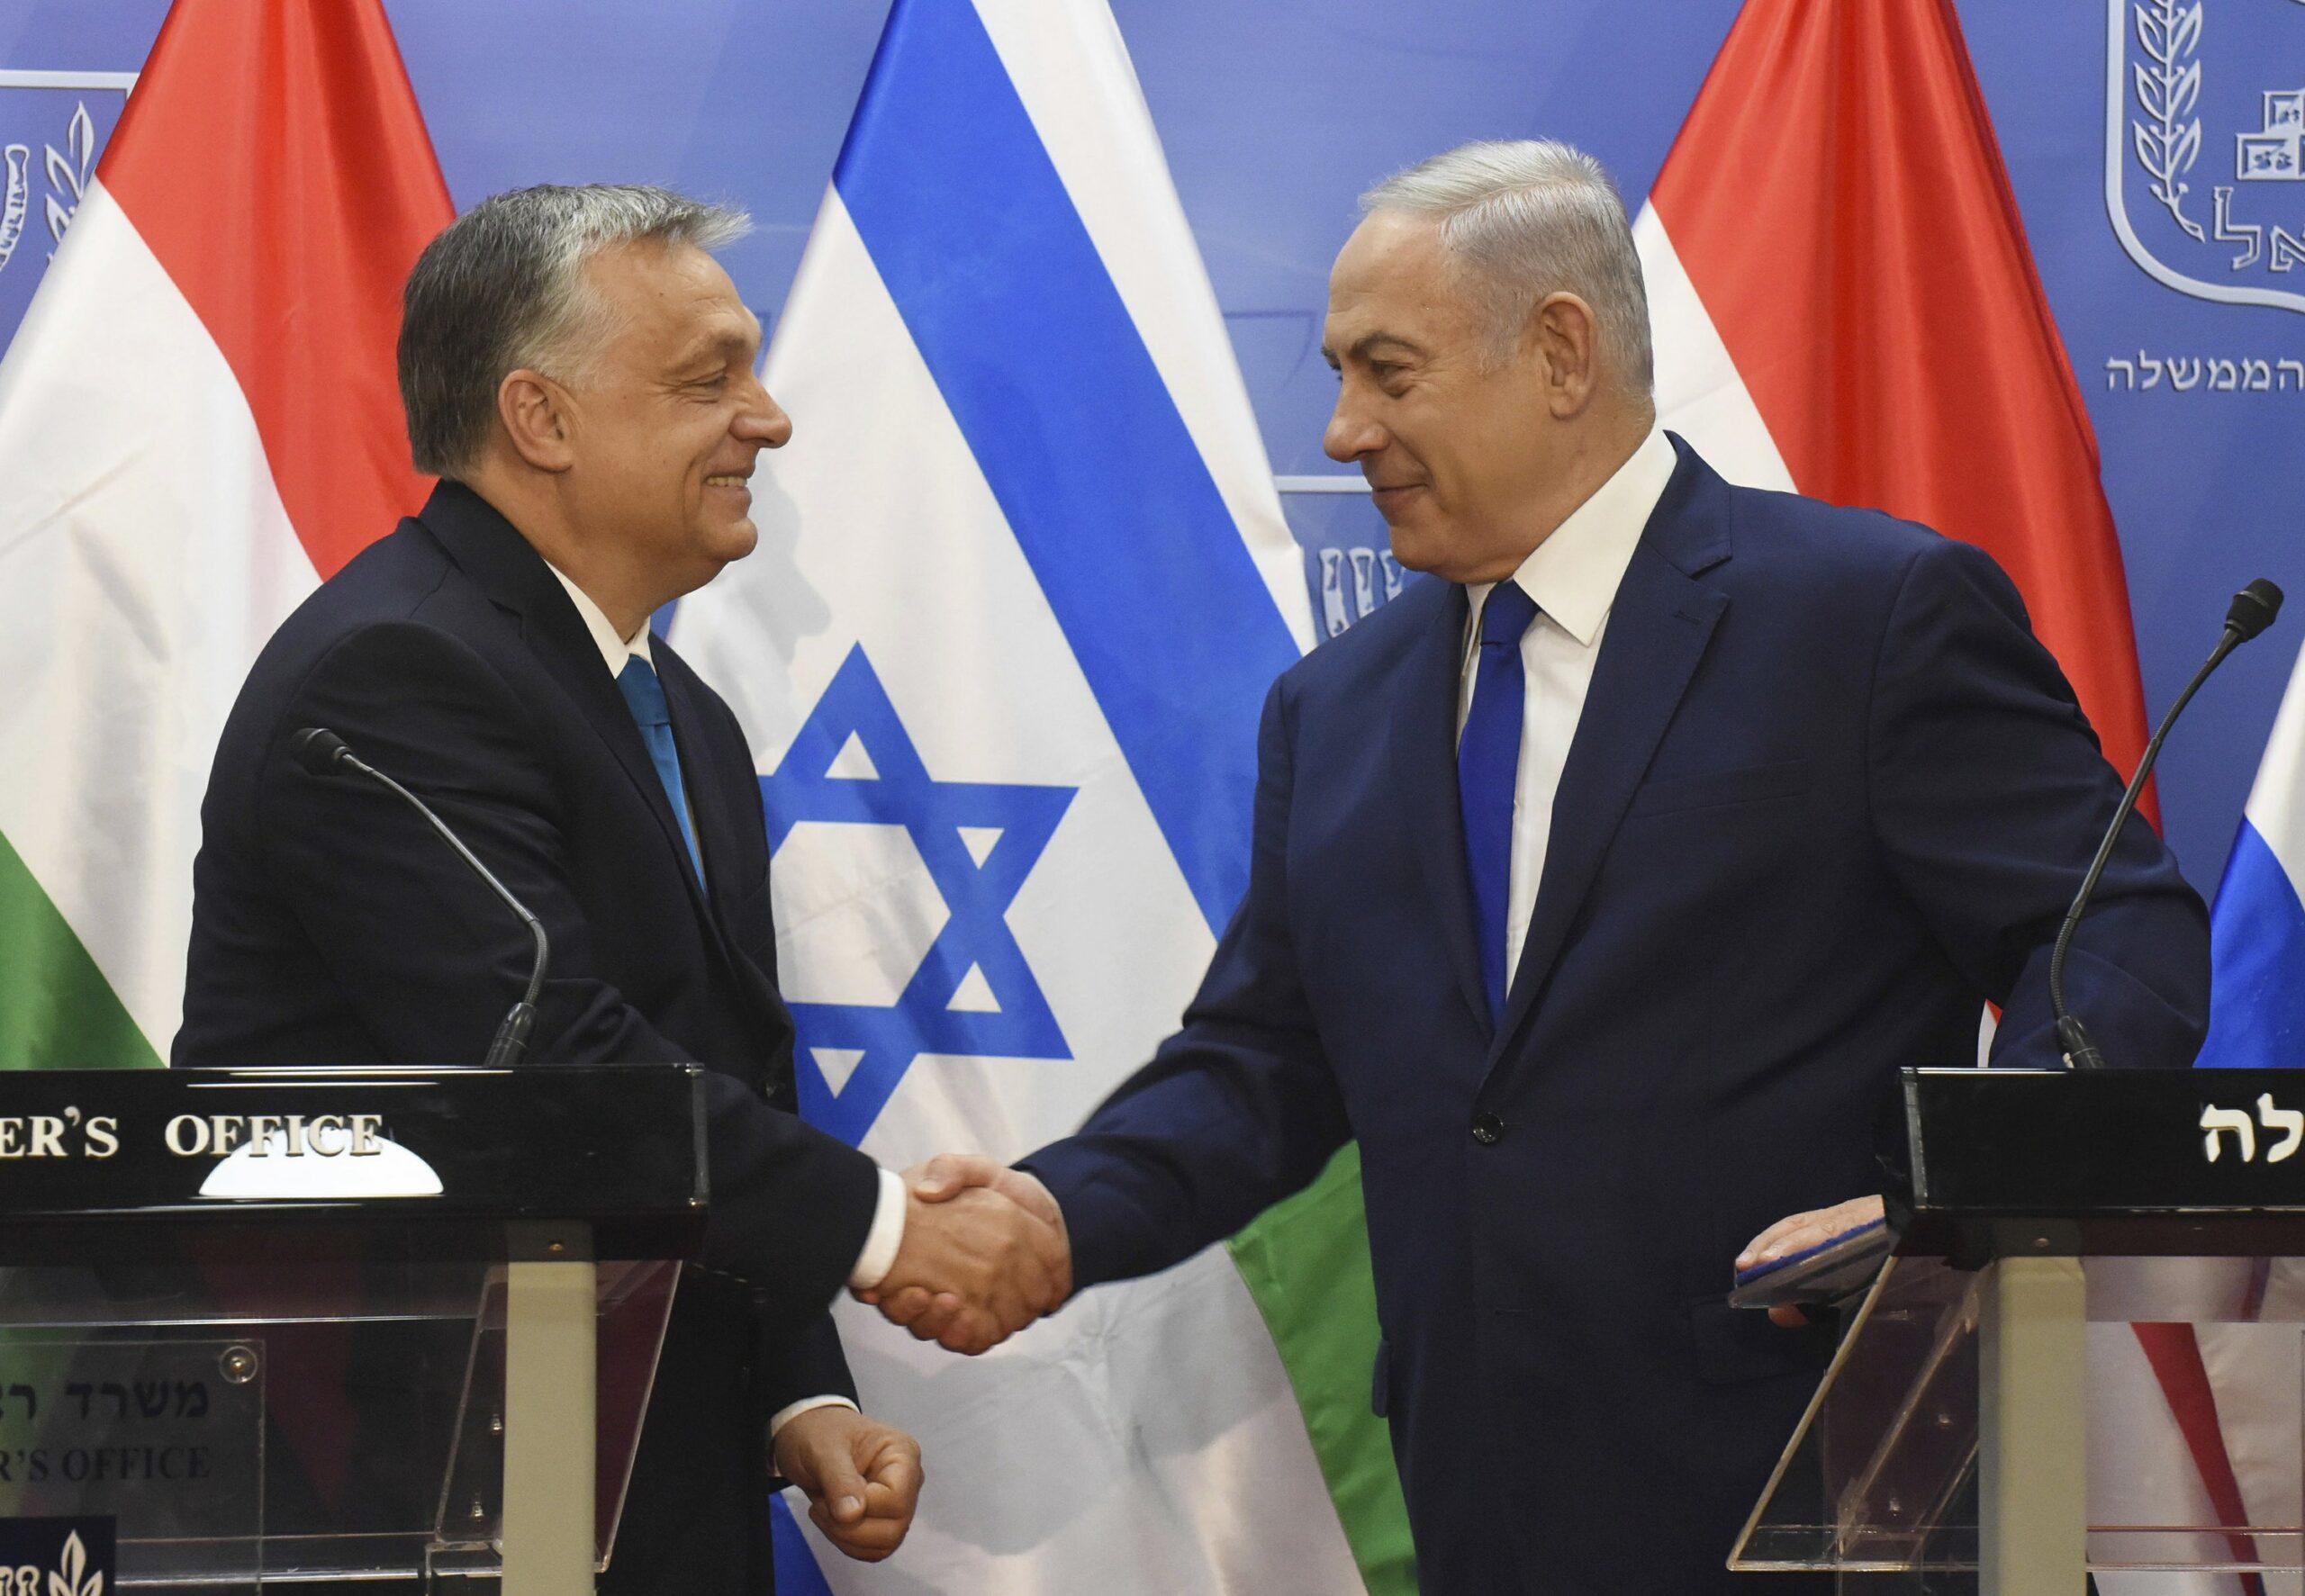 Magyarország nem kér a palesztin mantrából